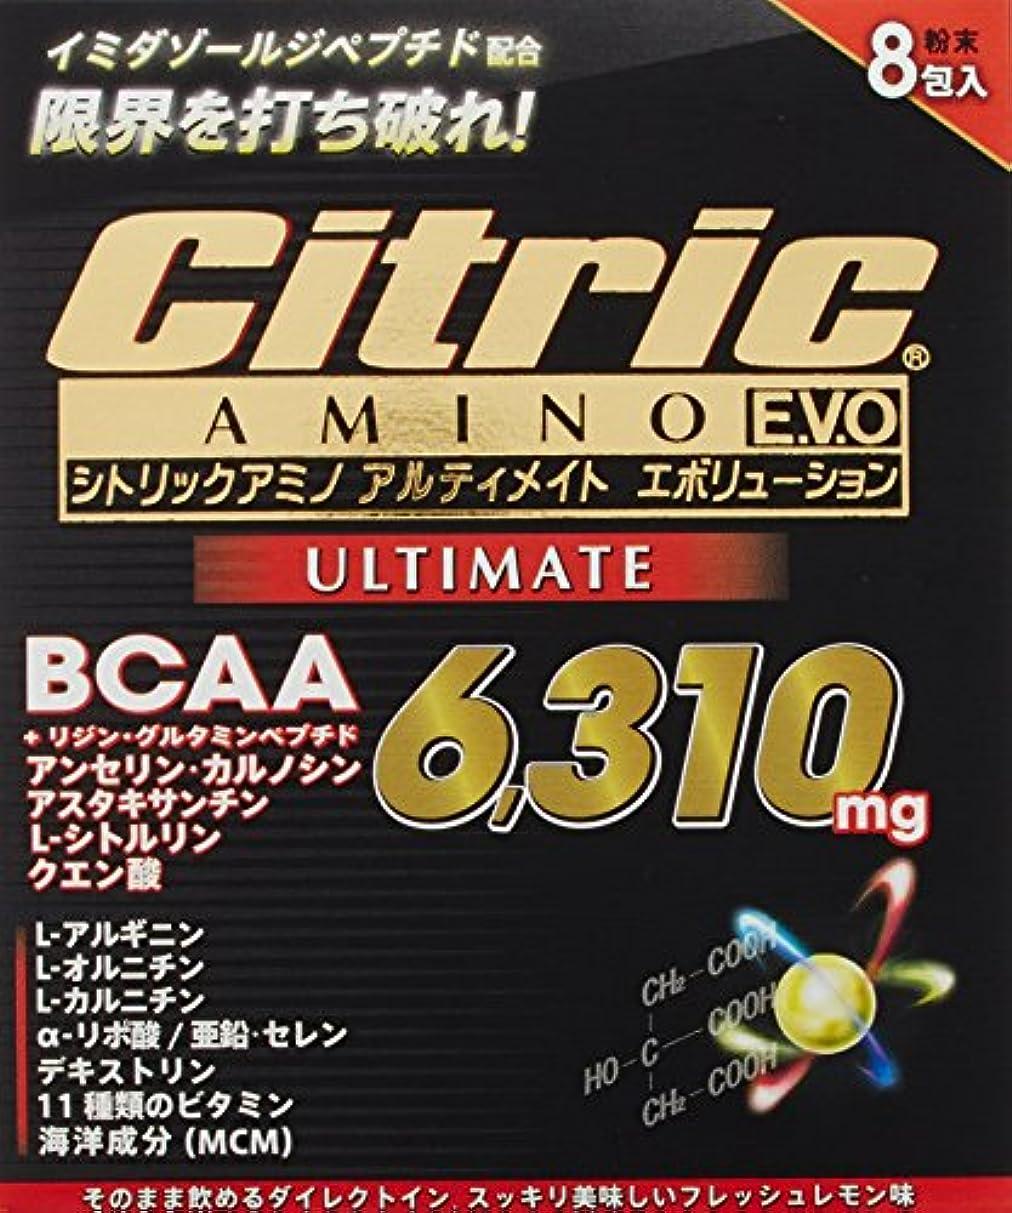 シトリックアミノ(Citric AMINO) (アスリート向け) アルティメイト エボリューション 7.5g×8袋入  5279